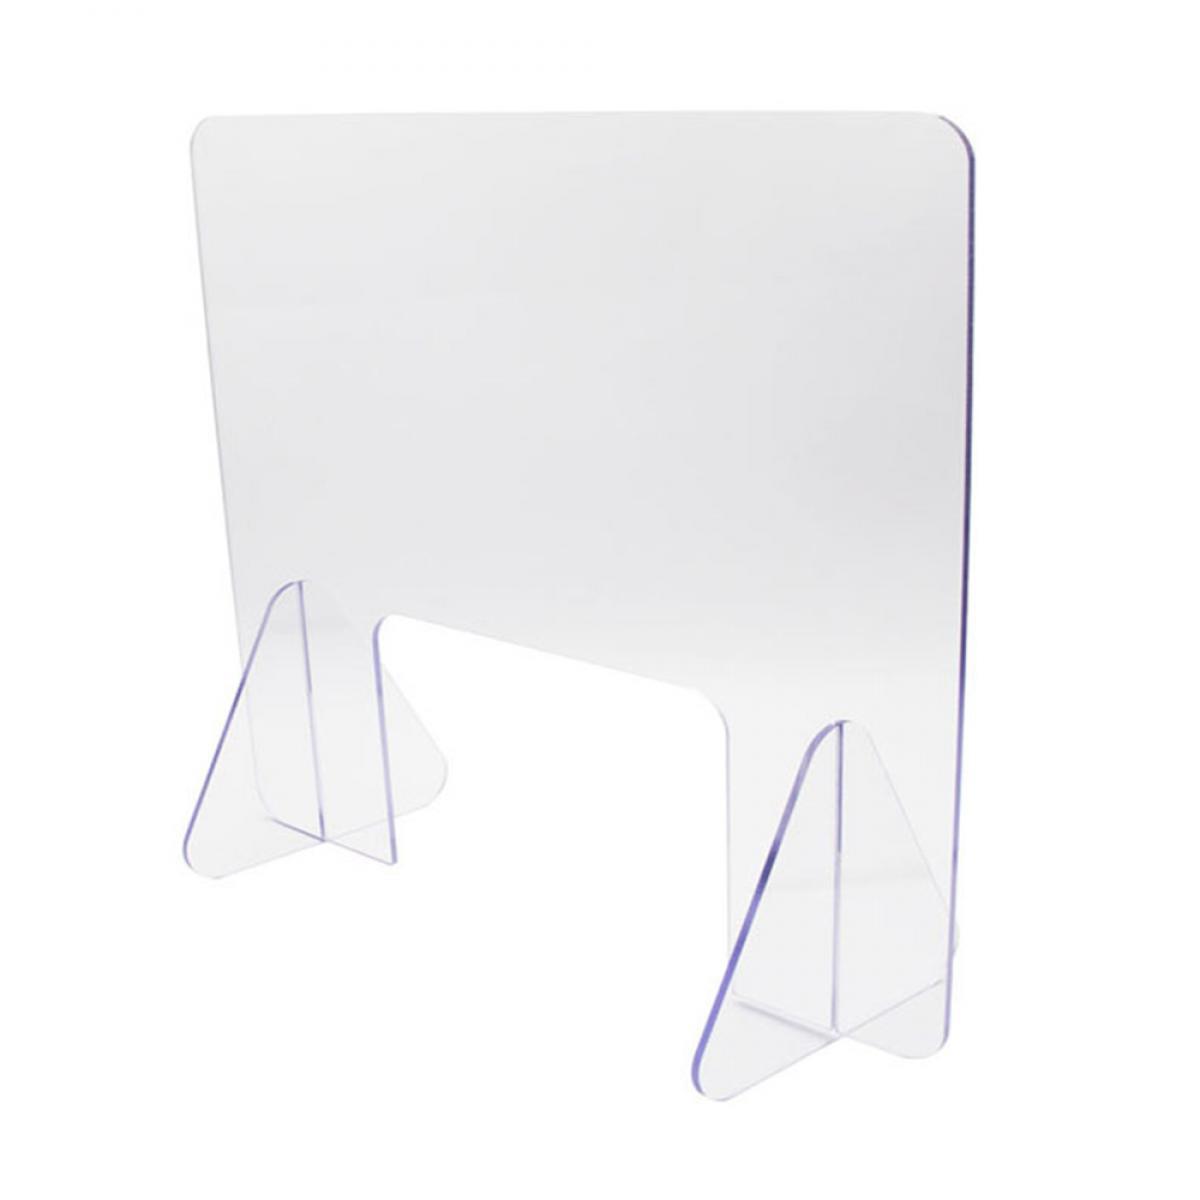 Generic Desktop Guard Shield Panneau de protection anti-pulvérisation Barrière de séparation en acrylique transparent 15,7 x 15,